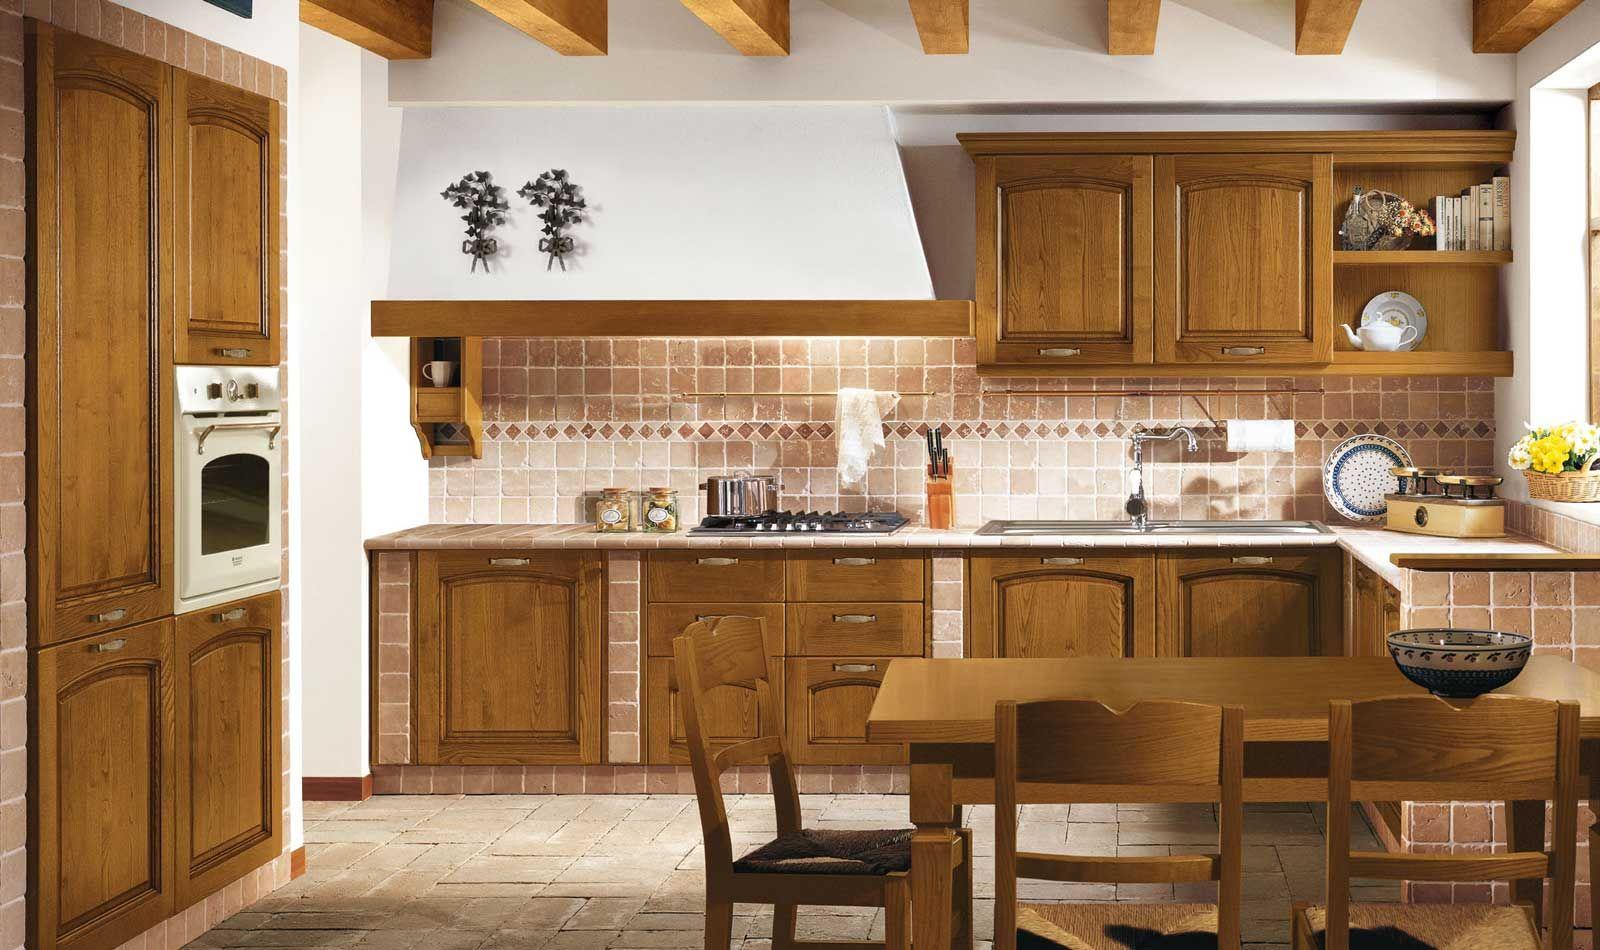 Arredo3 cucine moderne cucine classiche cucina cucine cucine componibili cucine - Cucine componibili classiche lineari ...